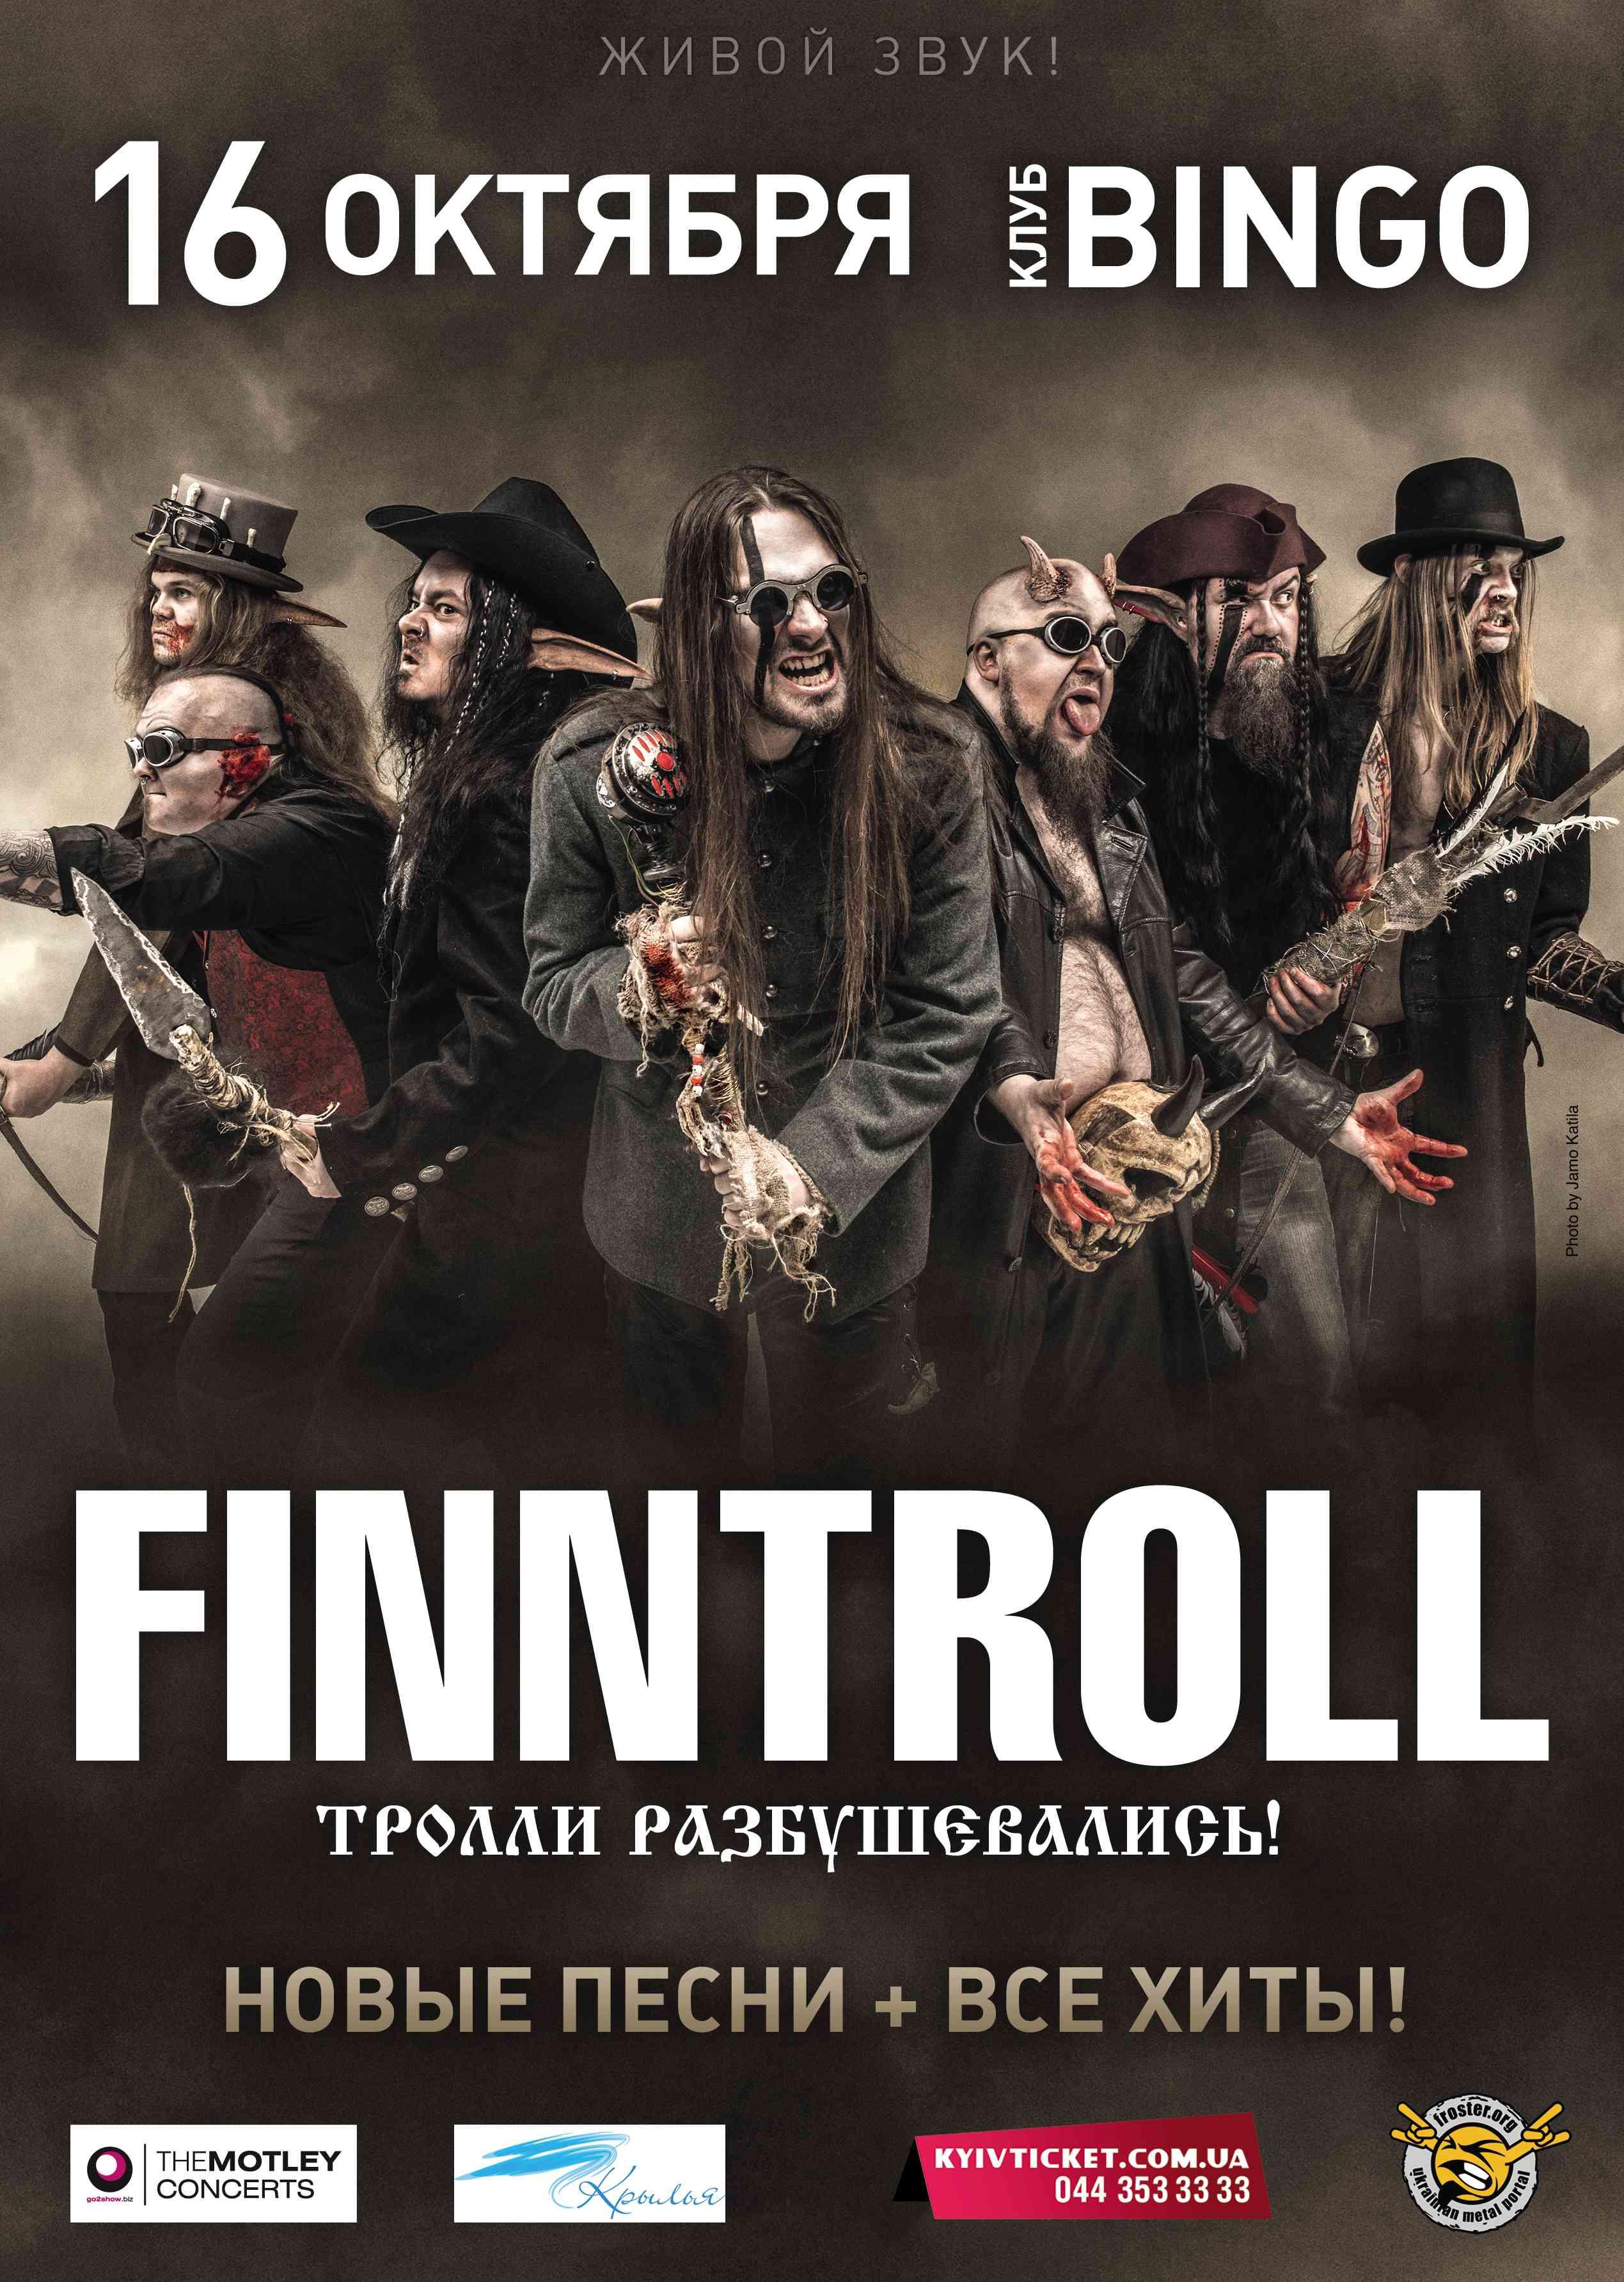 Finntroll выступит в Киевском клубе Бинго. 16 ноября